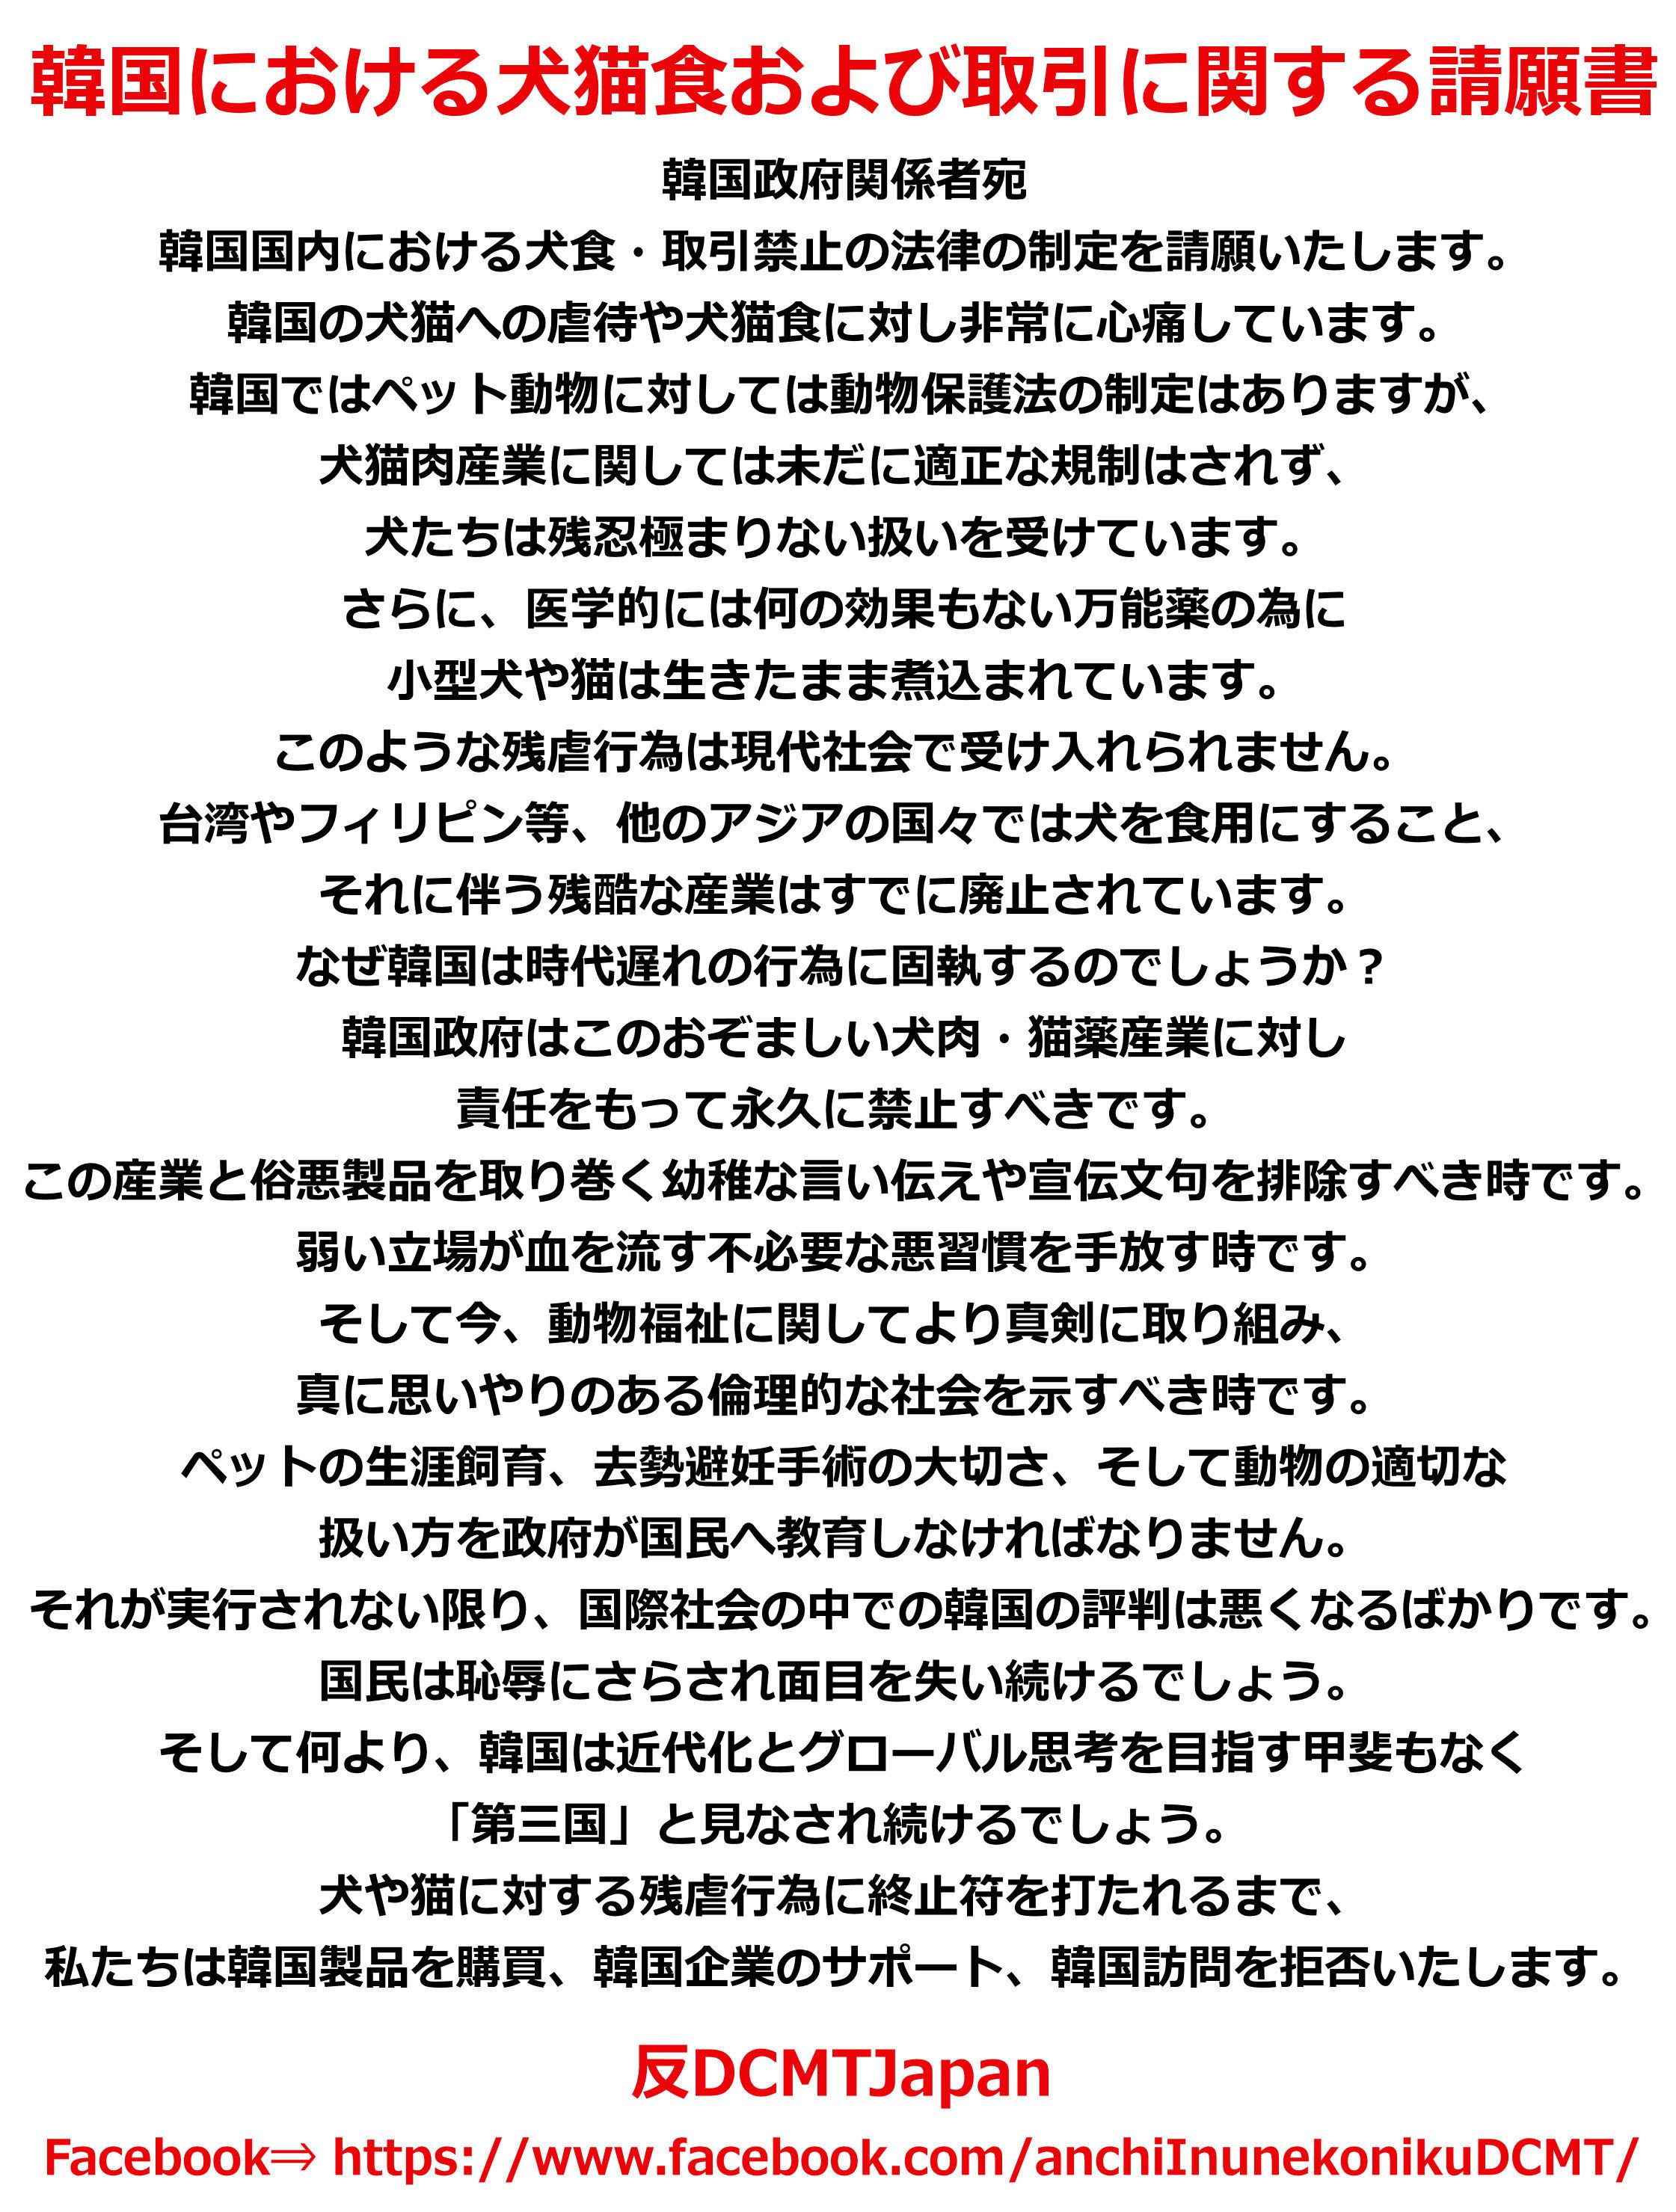 dogmeatsyomei1a.jpg